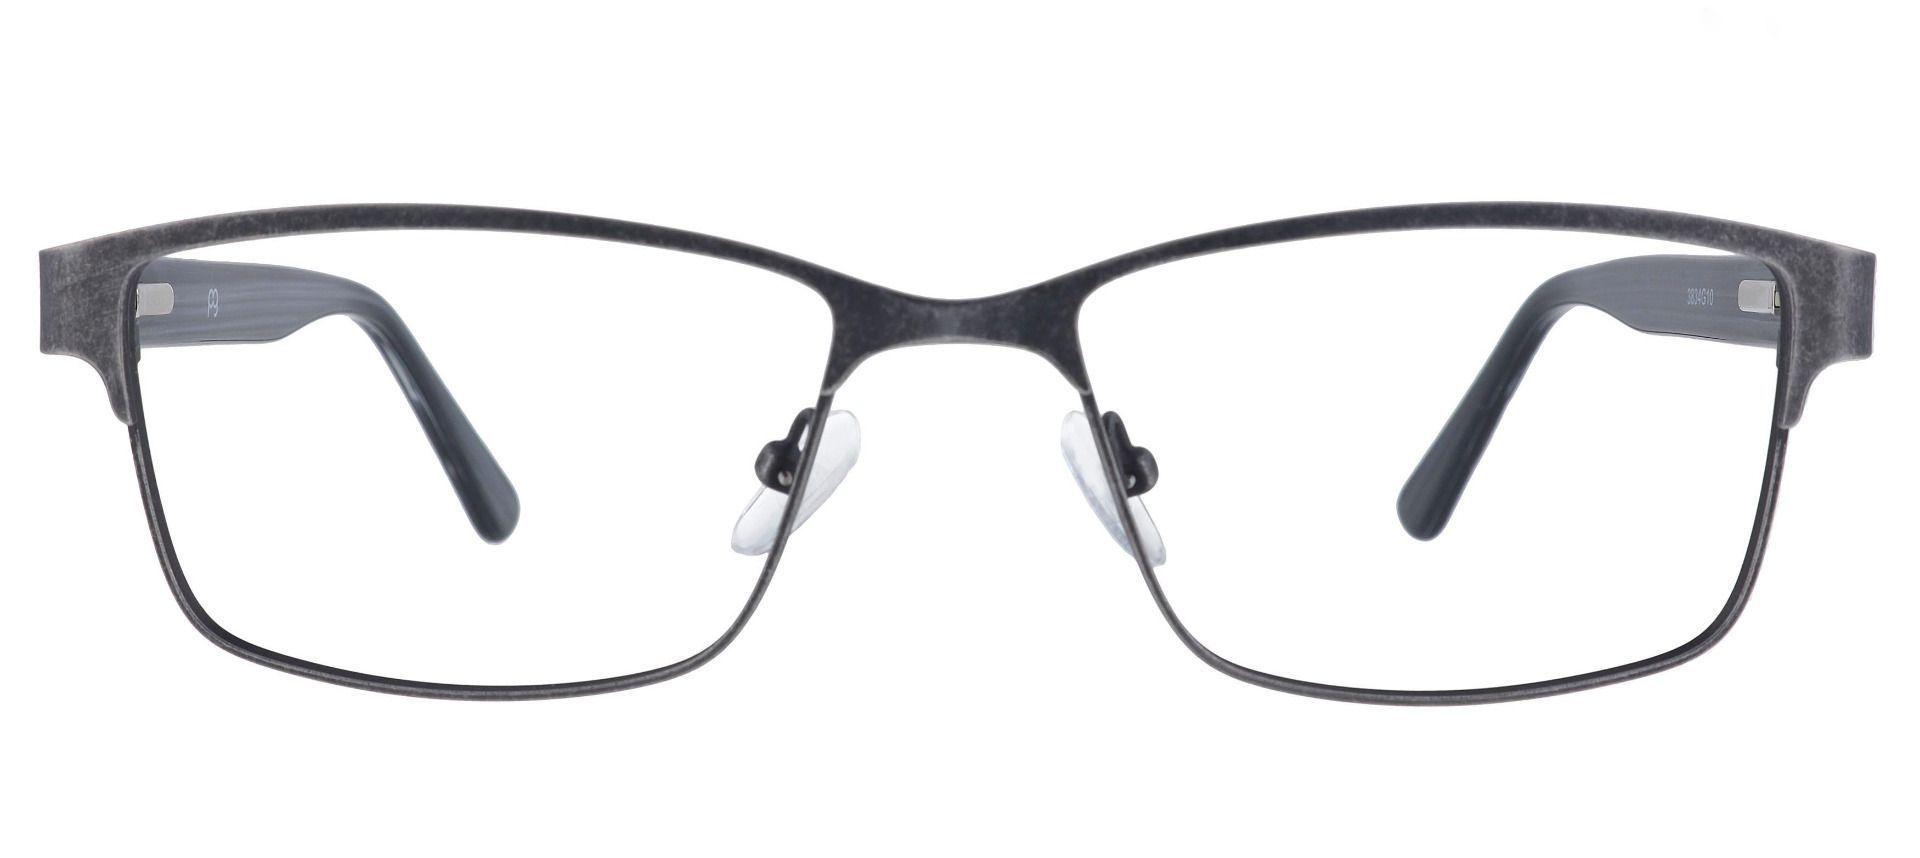 Bishop Rectangle Prescription Glasses - Gray